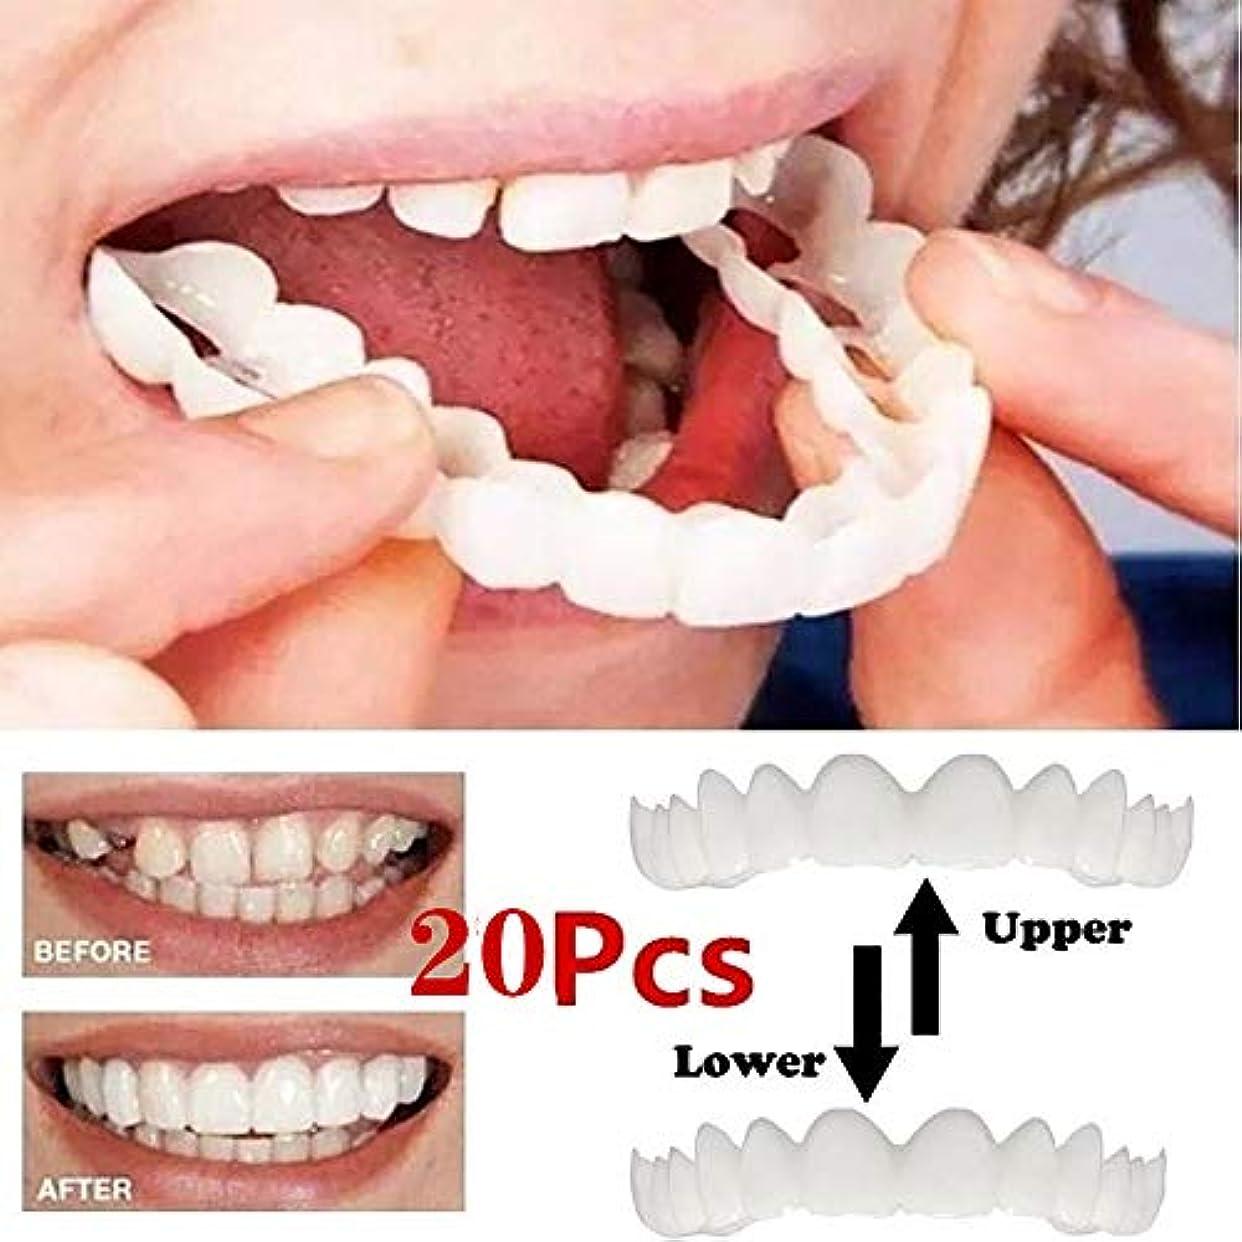 ペネロペ適合する骨の折れる突き板の歯、化粧品の歯 - 一時的な笑顔の快適さフィットフレックス化粧品の歯、偽歯、快適な上と下のベニヤ - 歯のベニヤ(10 /下+ / 10トップ)